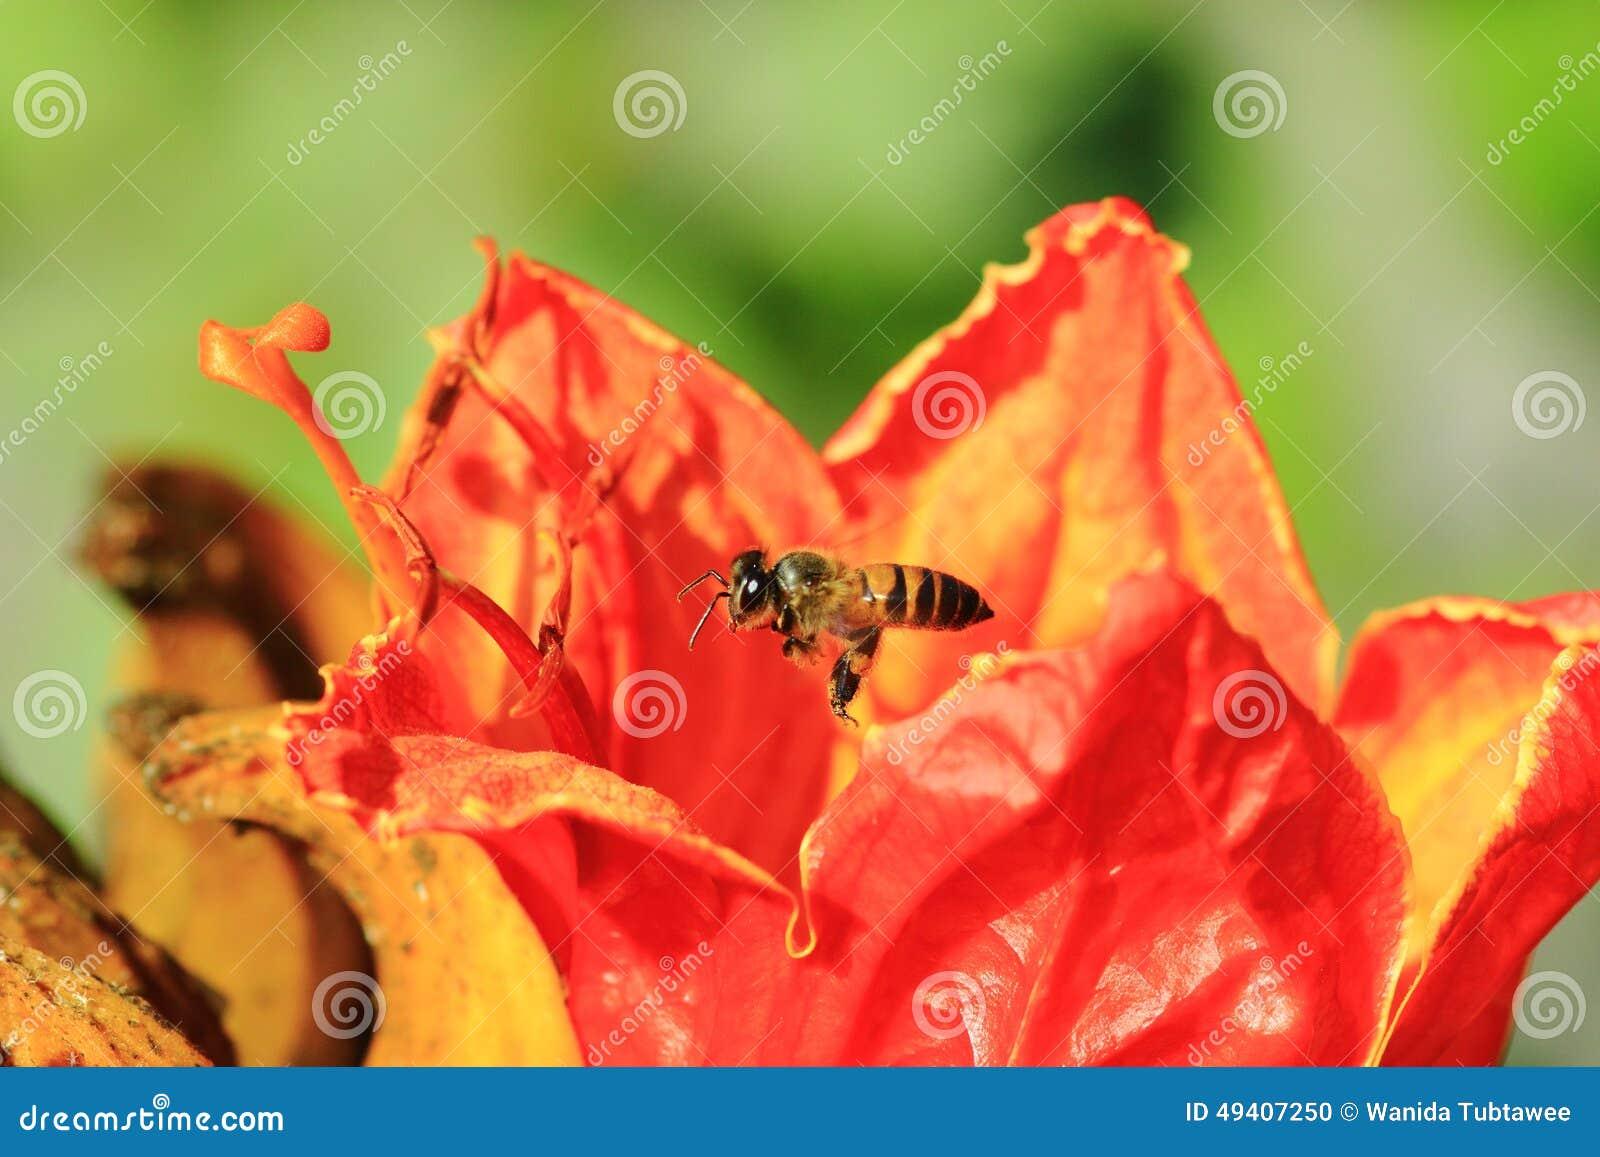 Download Bienen Und Blumen Sind Schön Stockfoto - Bild von fields, bündel: 49407250